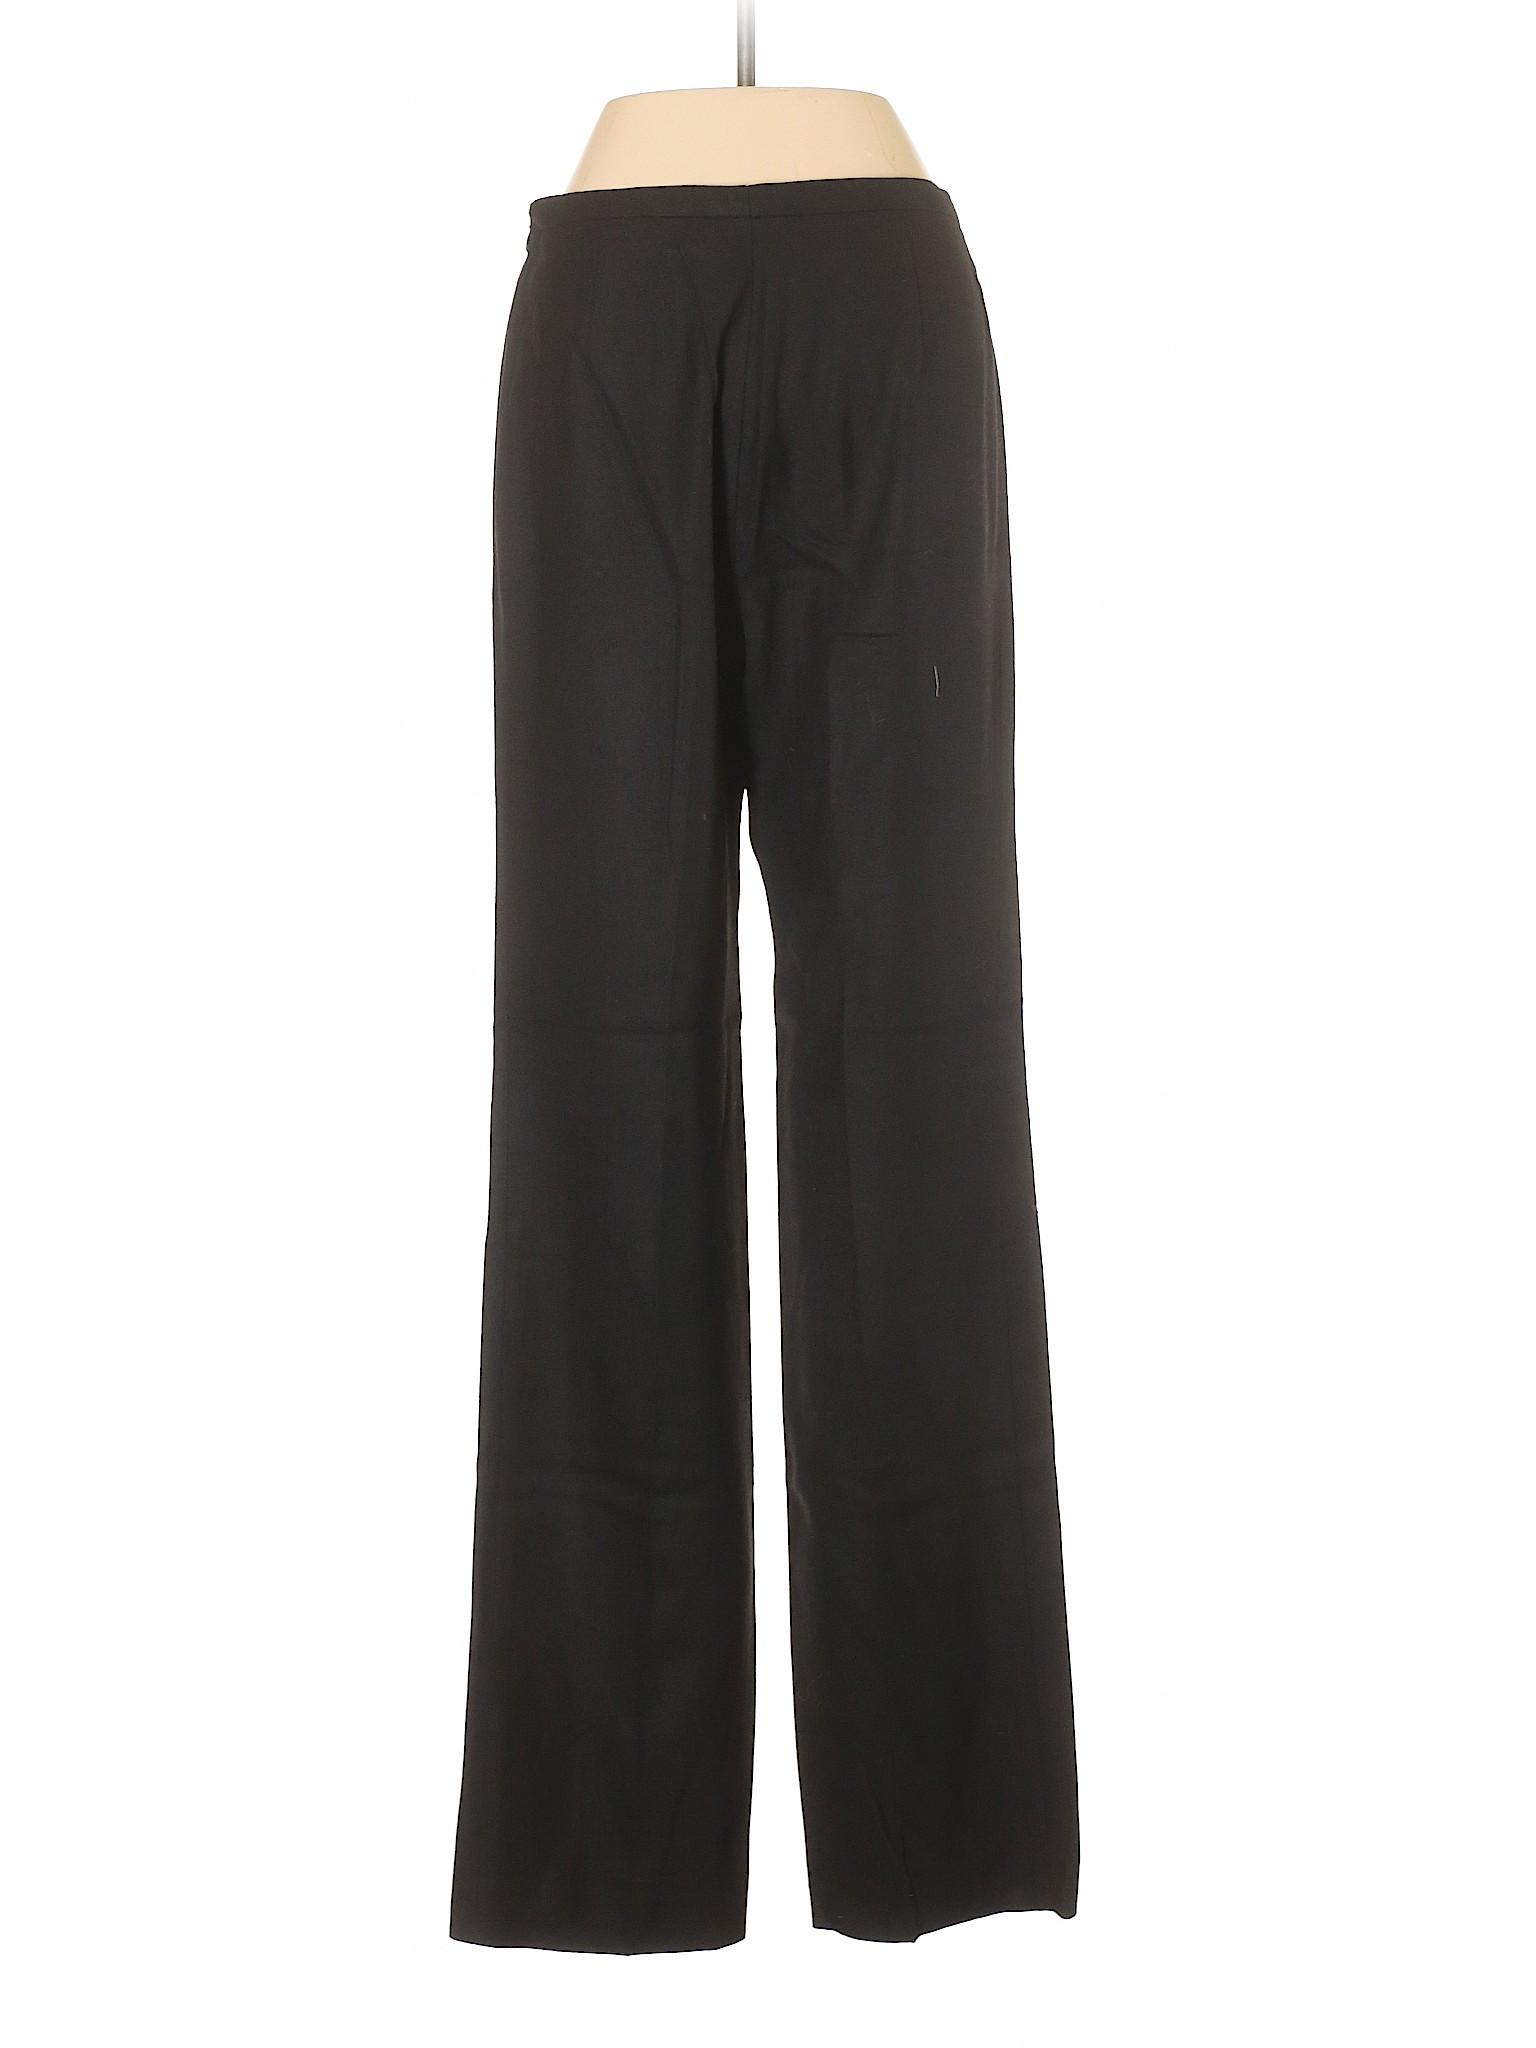 Pants Copains Les winter Dress Boutique 7BwPIq4E